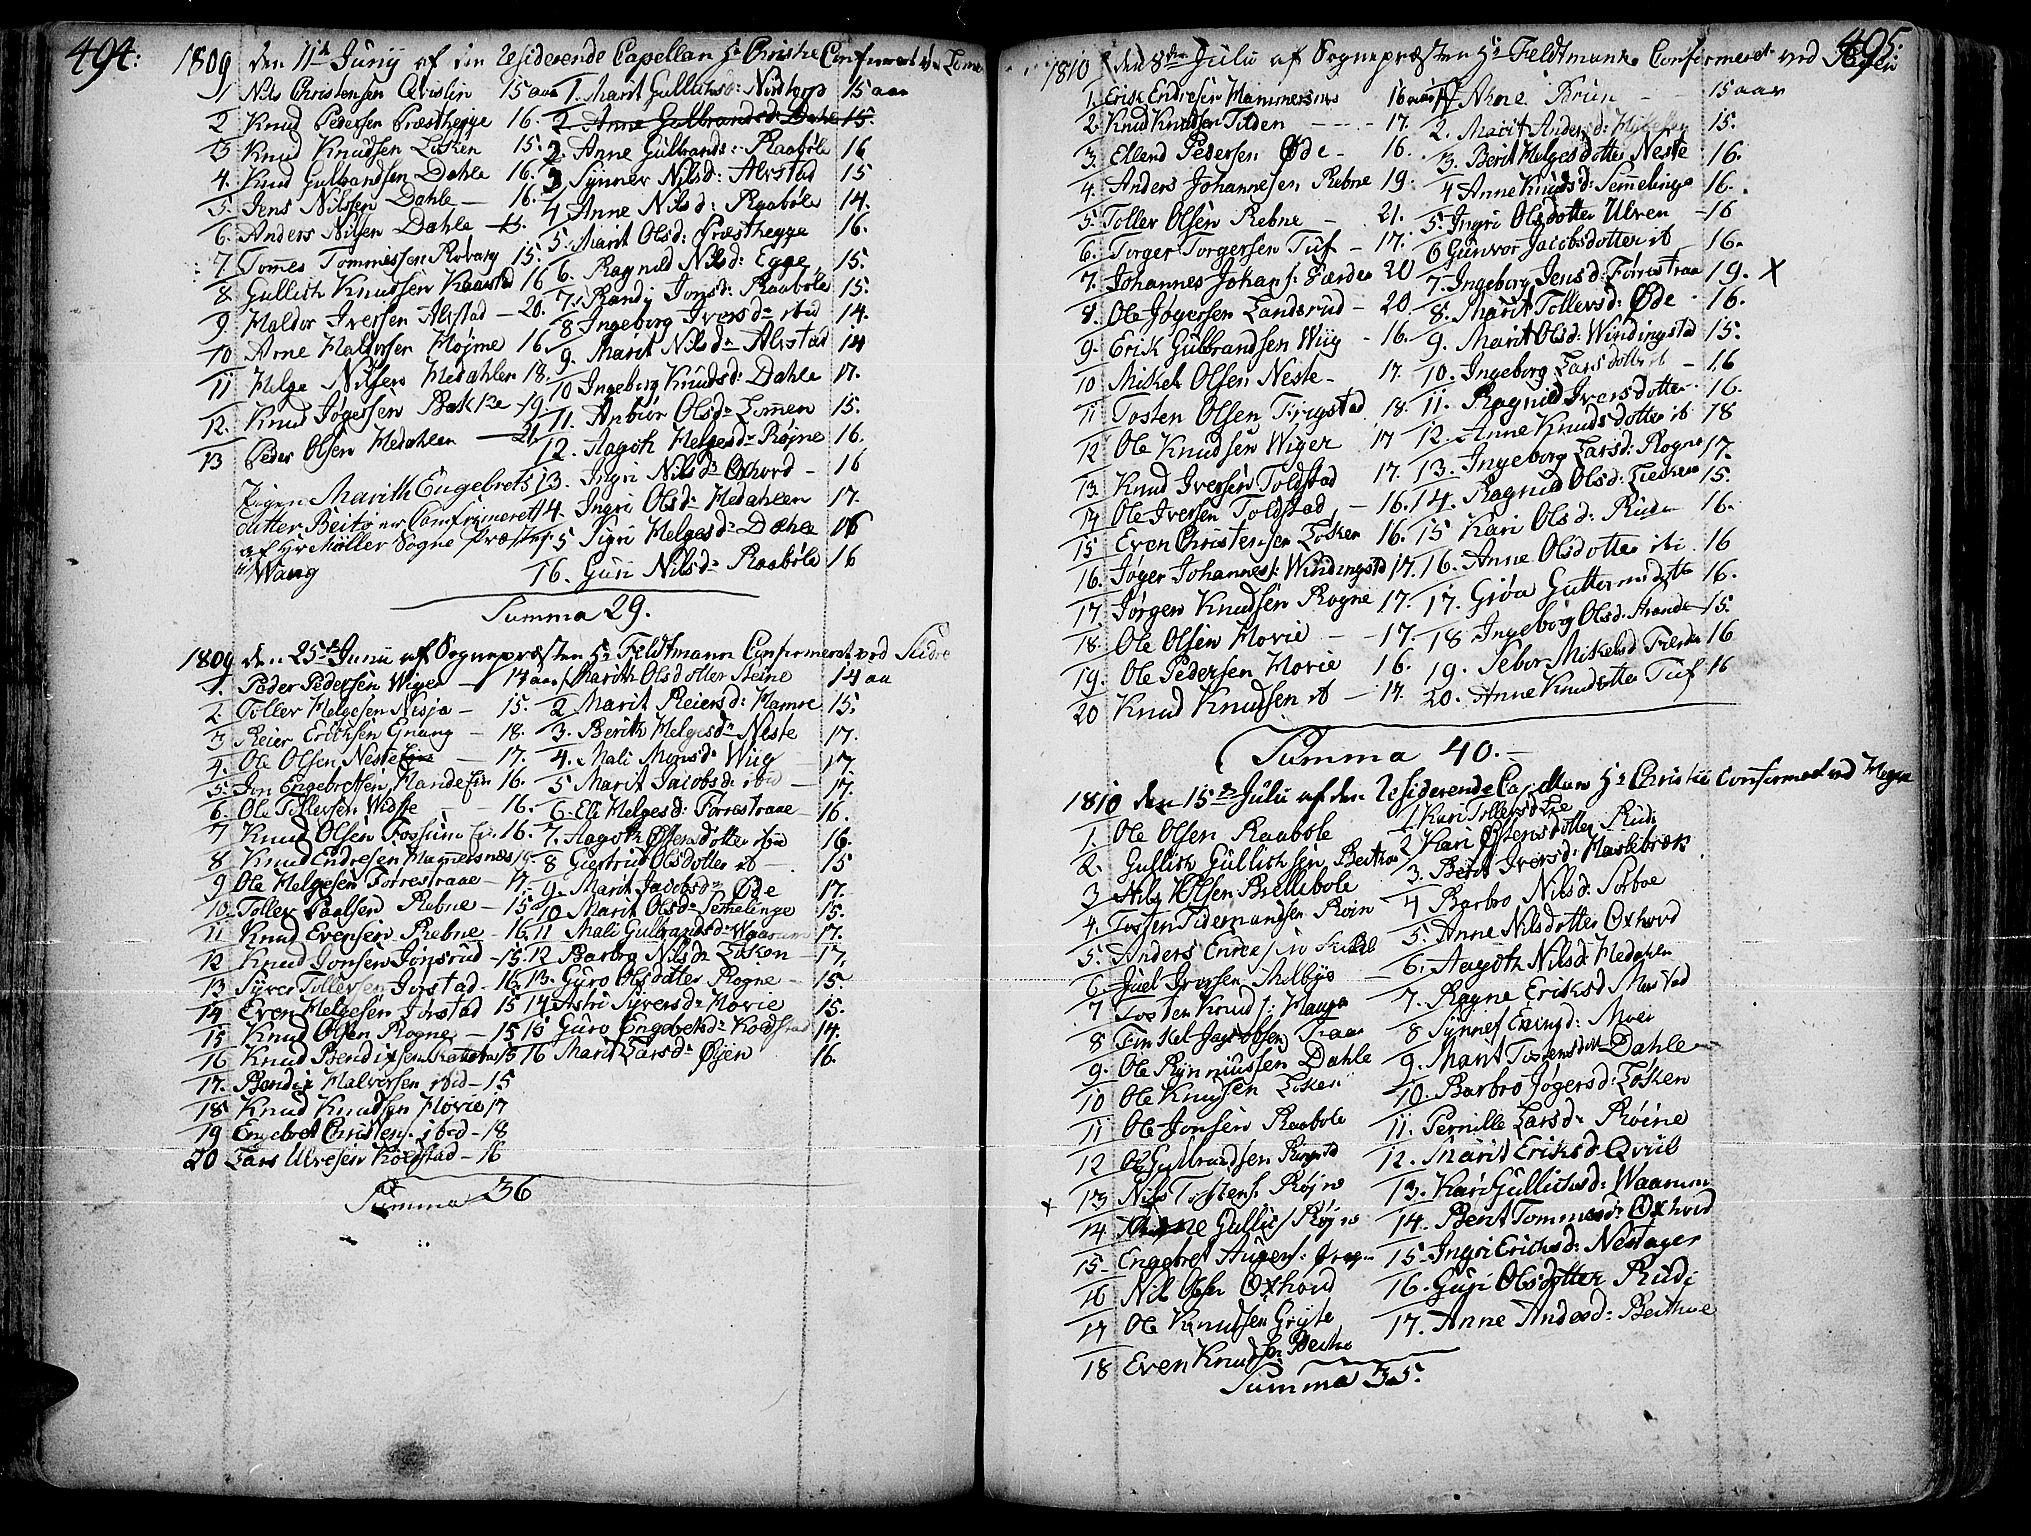 SAH, Slidre prestekontor, Ministerialbok nr. 1, 1724-1814, s. 494-495